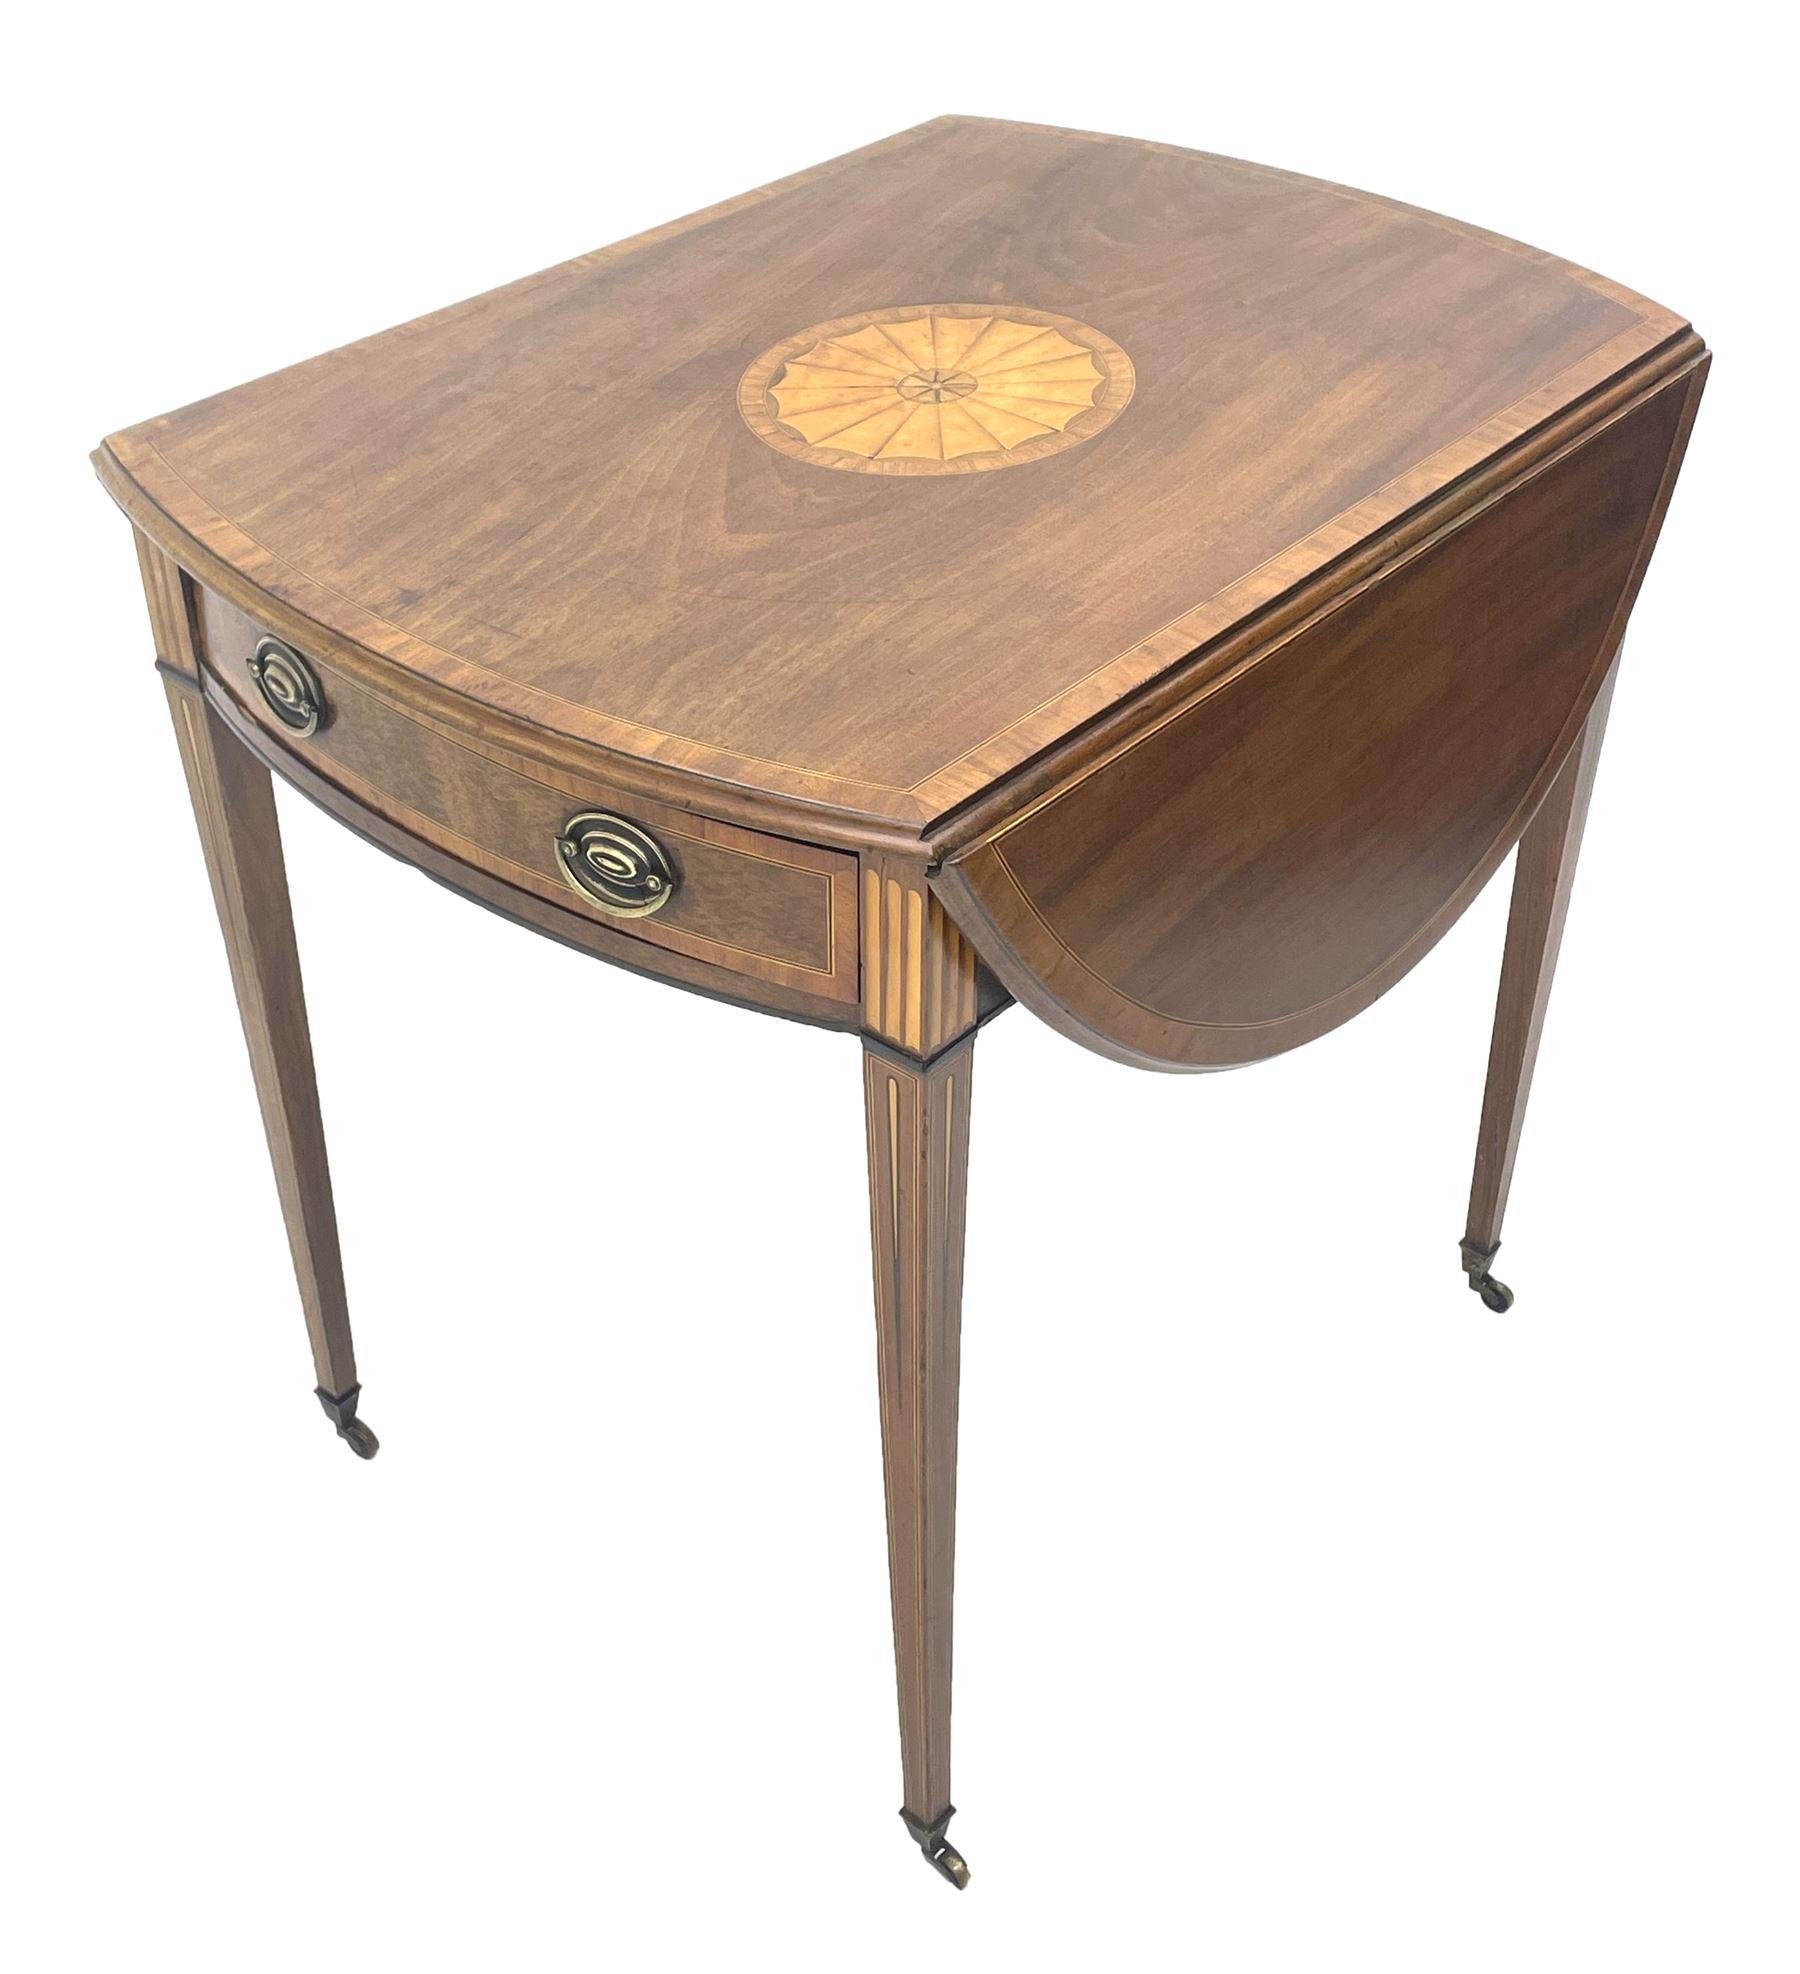 Sheraton period mahogany Pembroke table